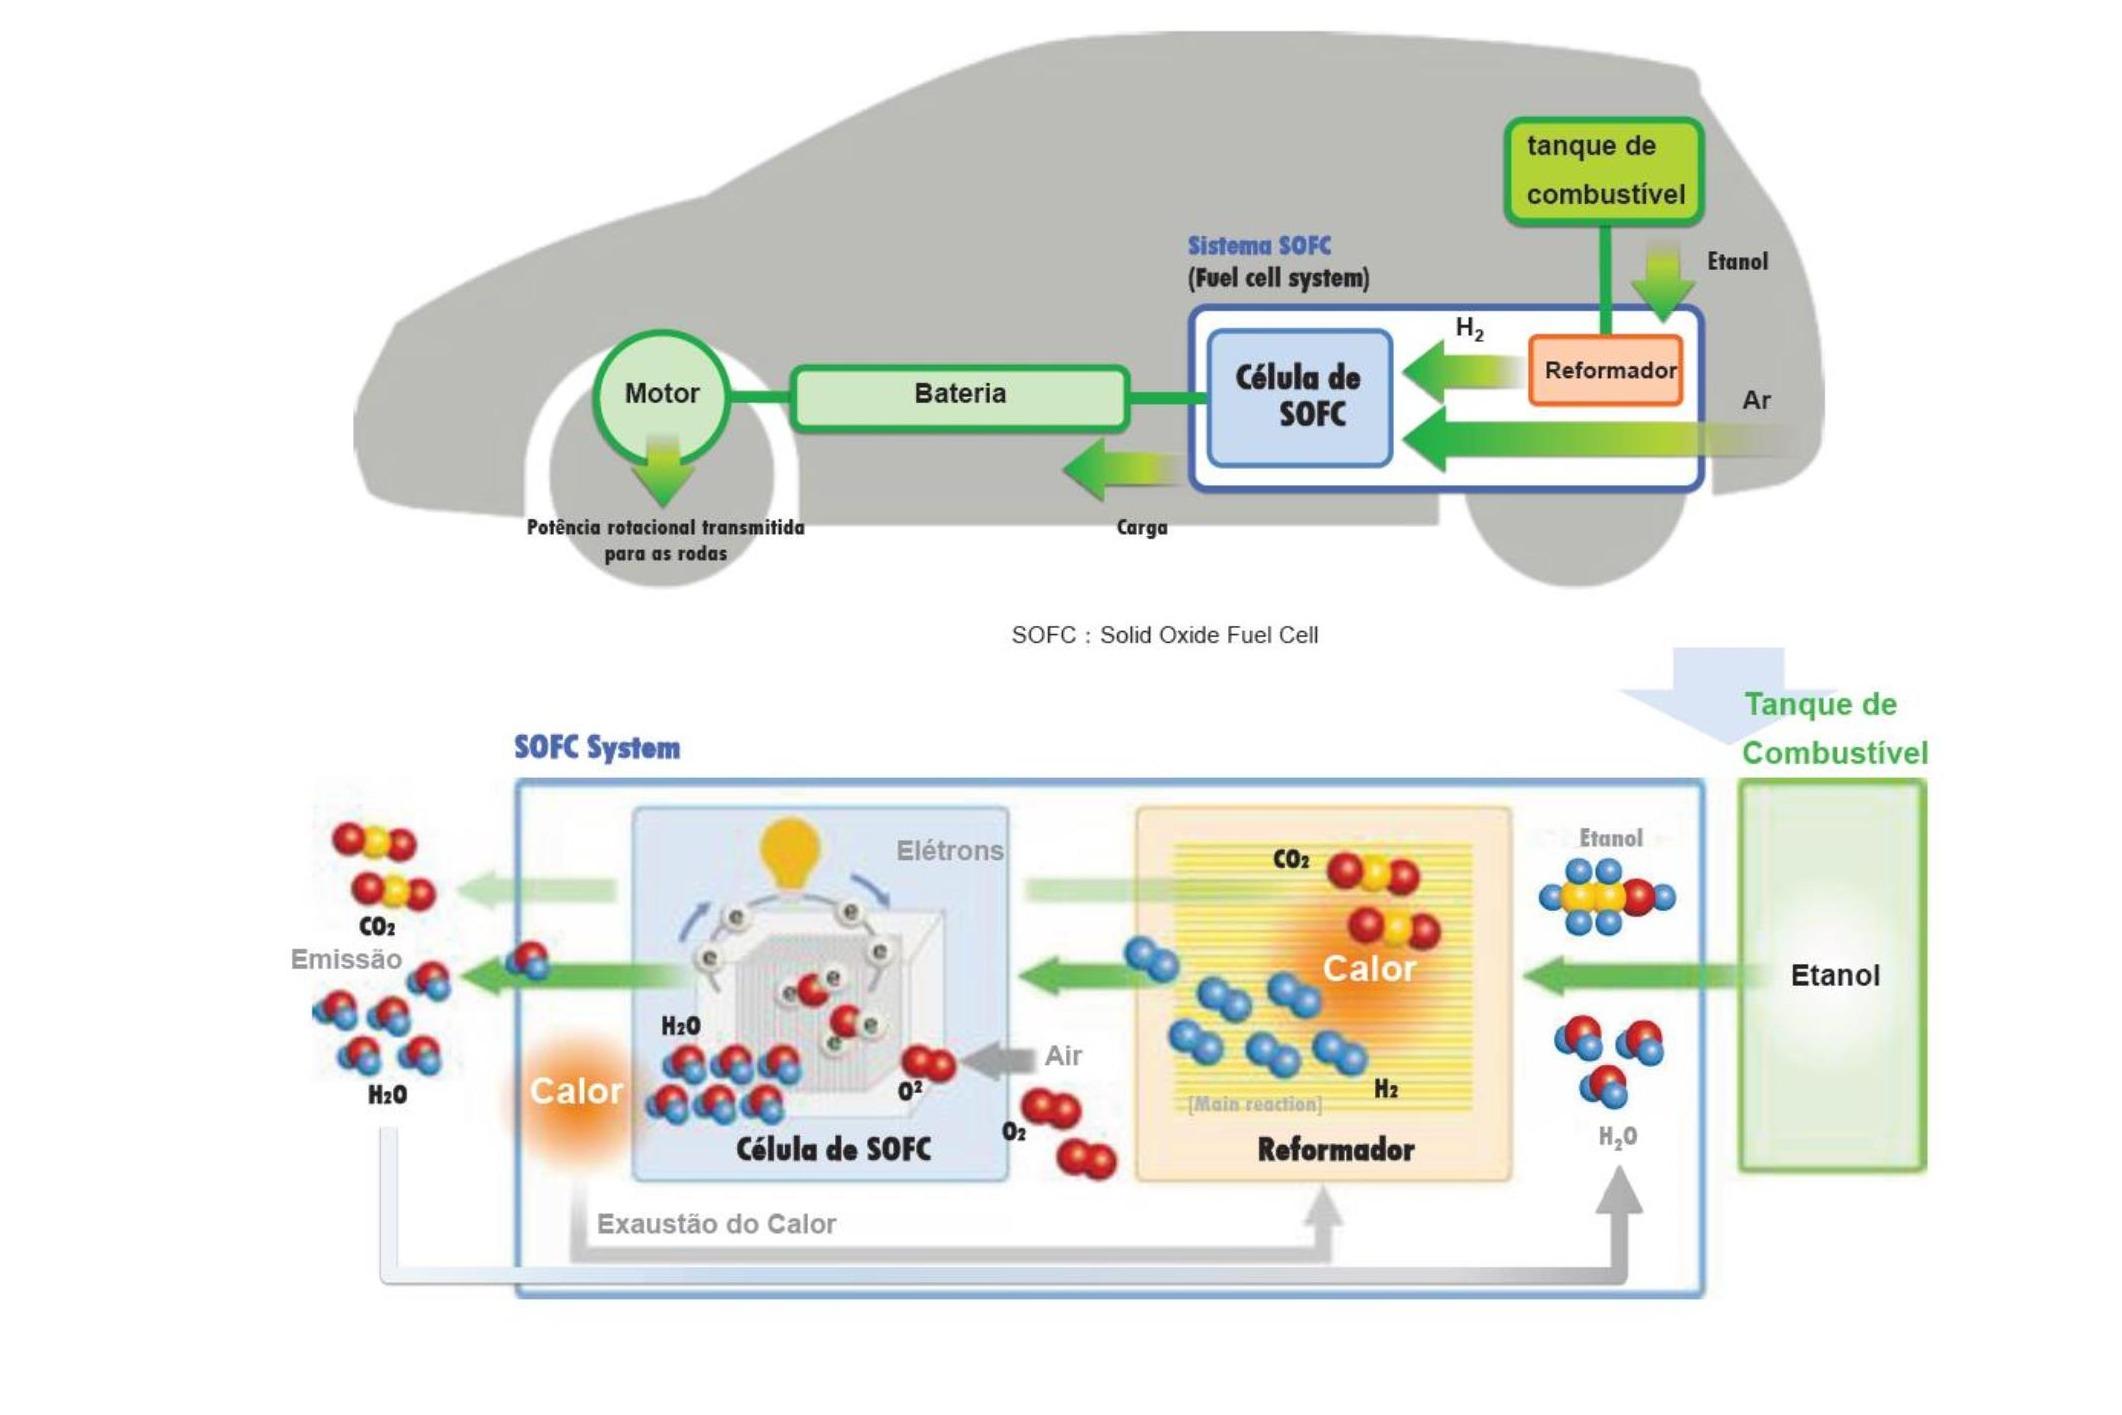 ilustração do funcionamento do SOFC